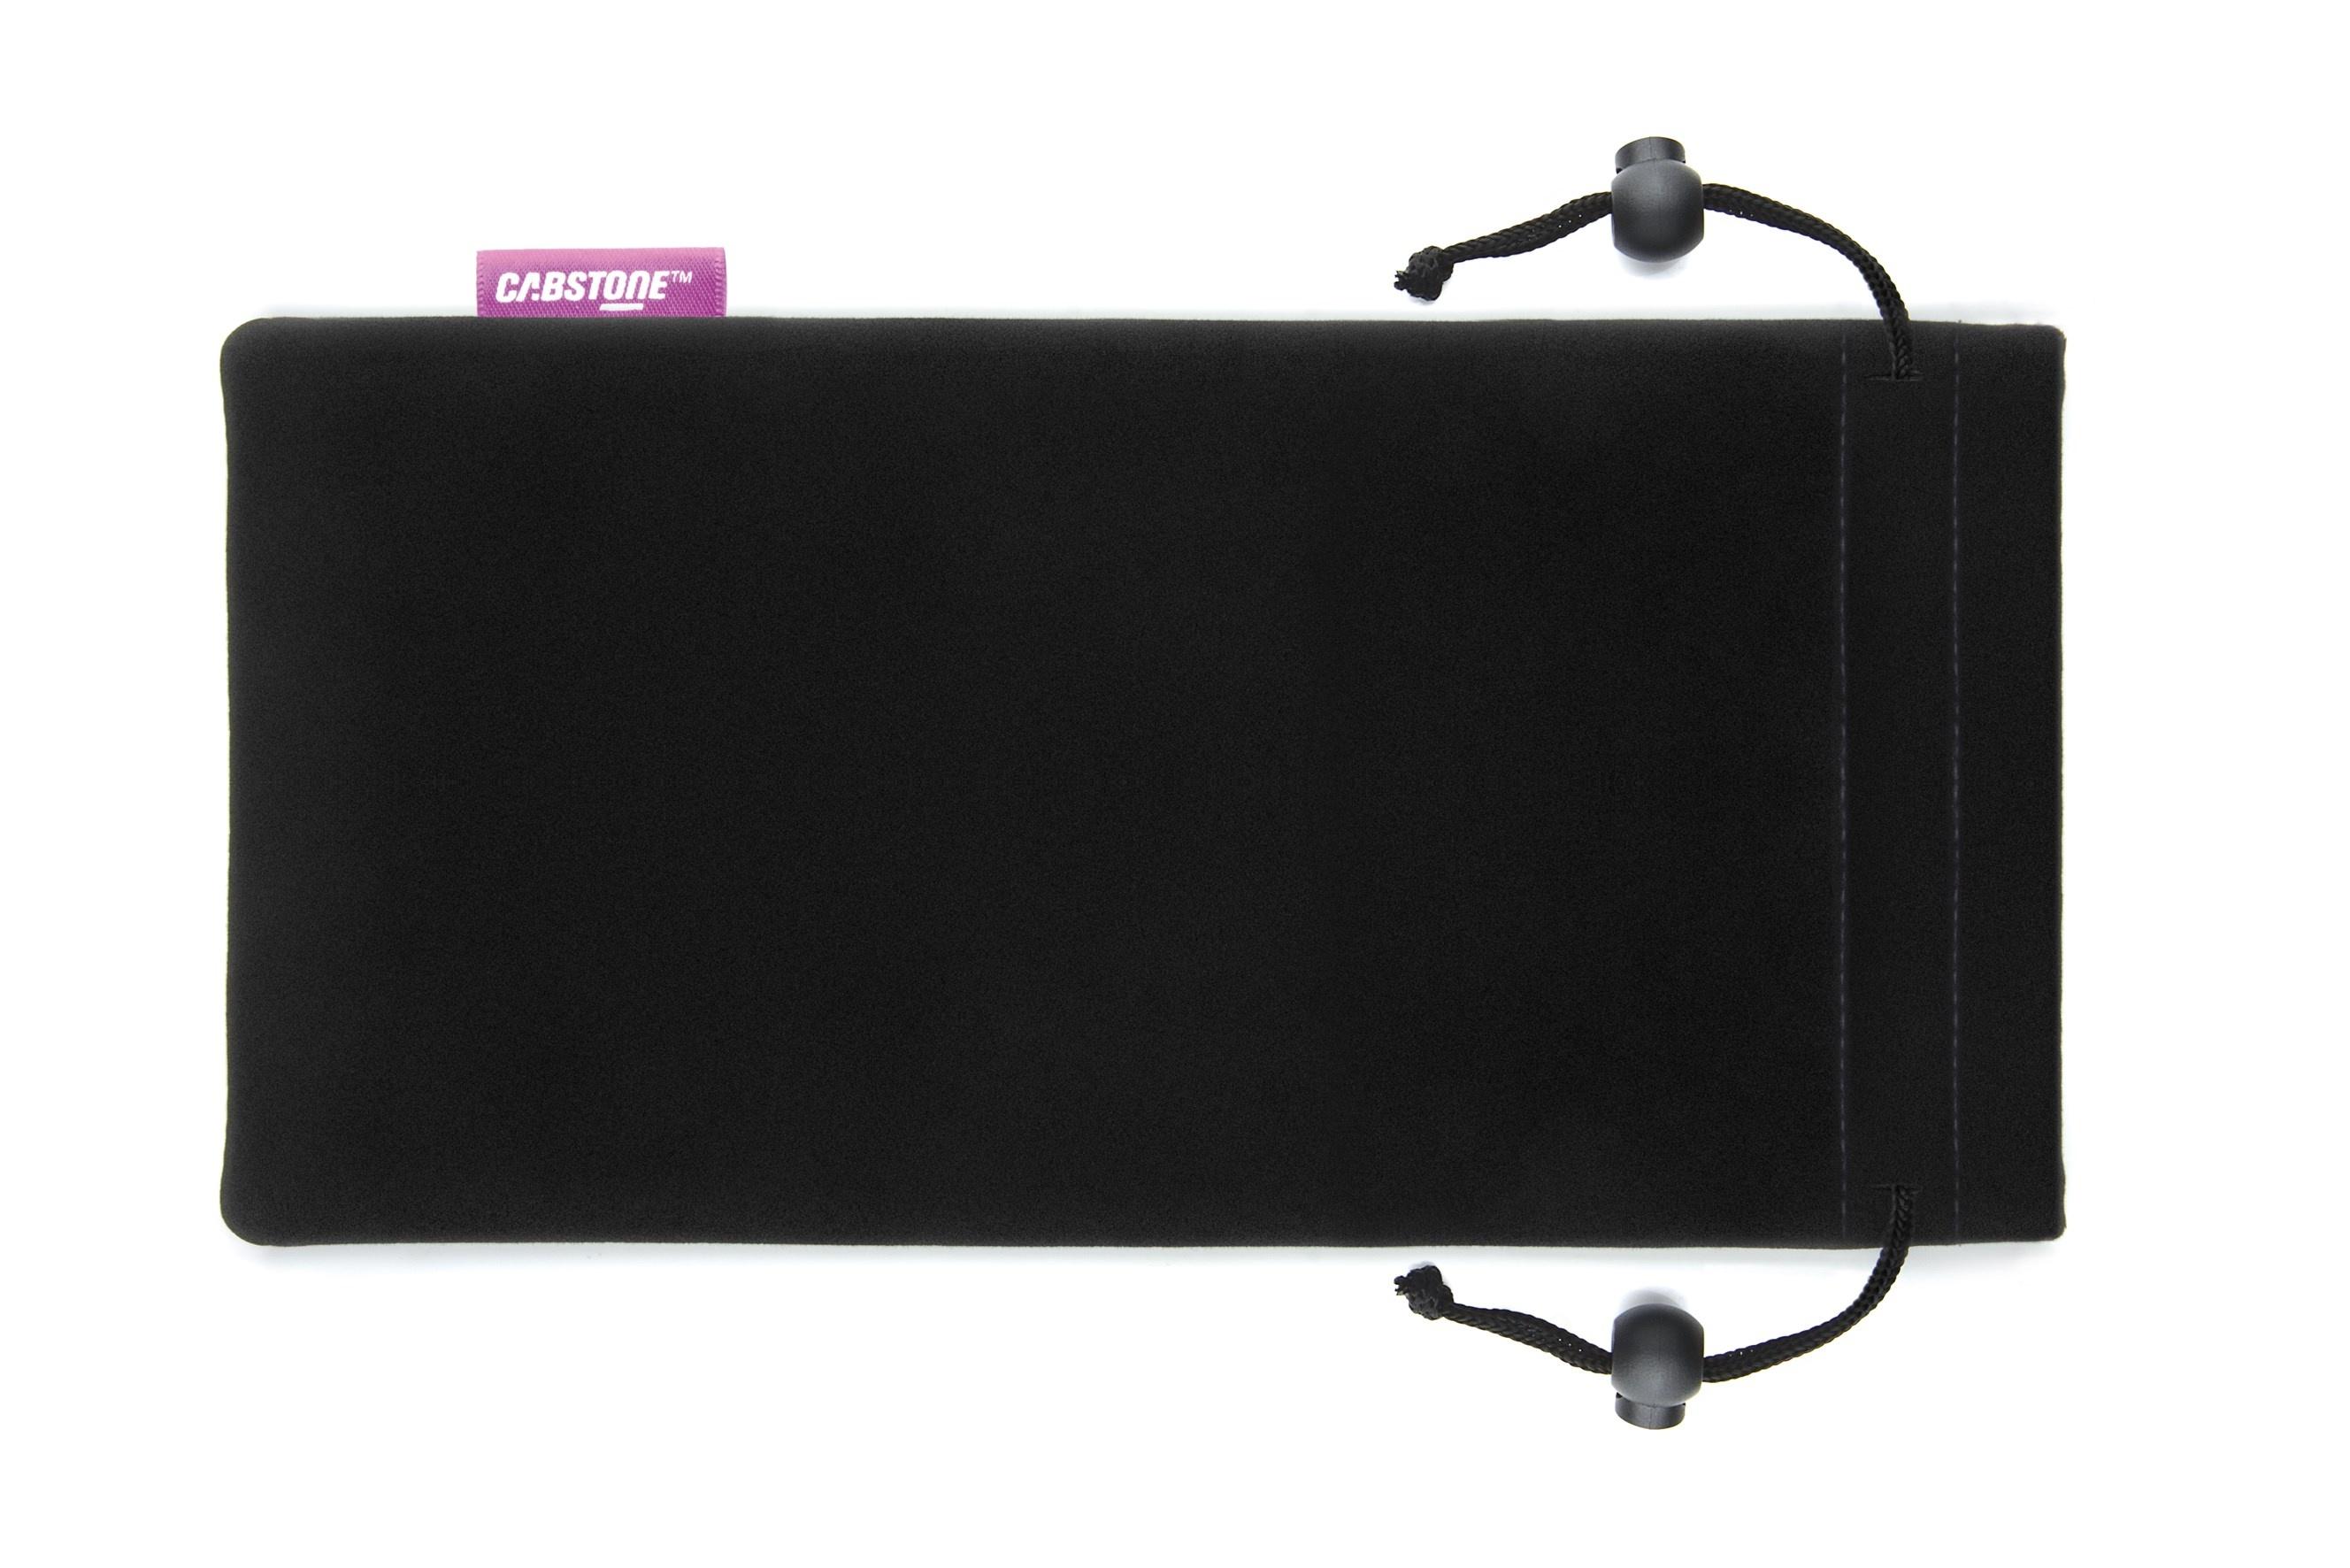 soundbar stereo lautsprecher schwarz handy paradies werne. Black Bedroom Furniture Sets. Home Design Ideas